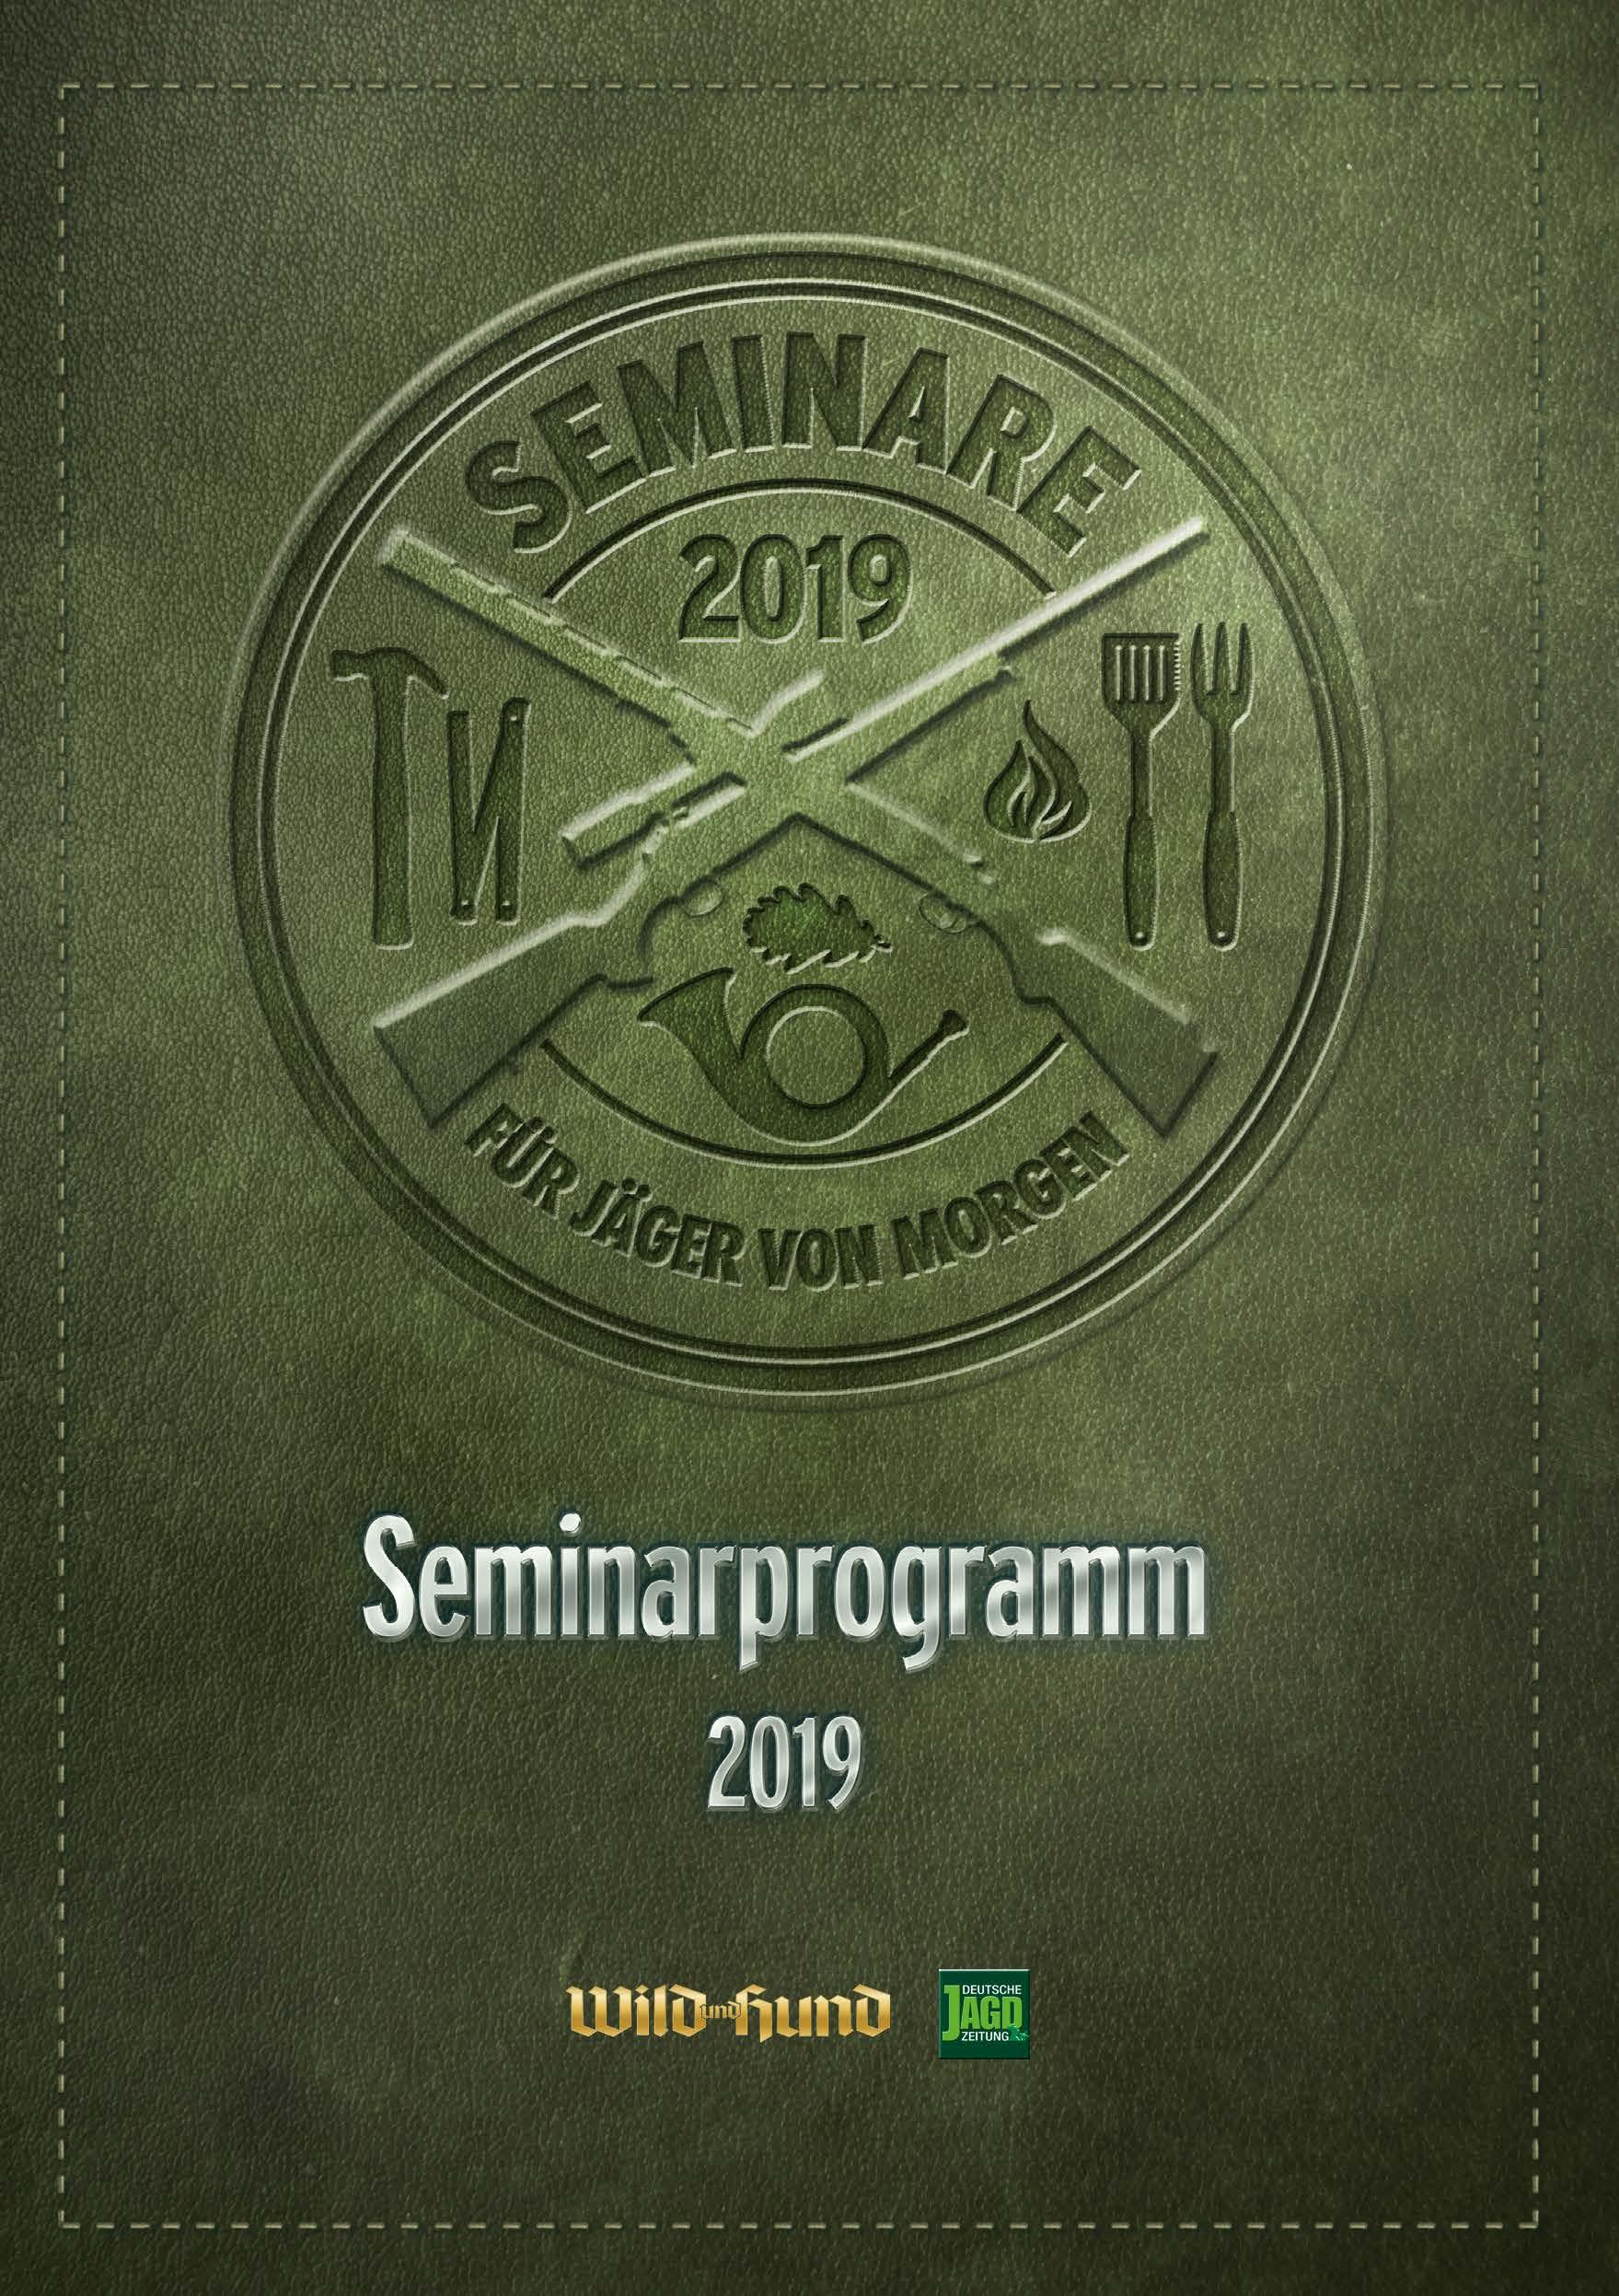 Seminarprgramm Paul Parey Zeitschriftenverlag